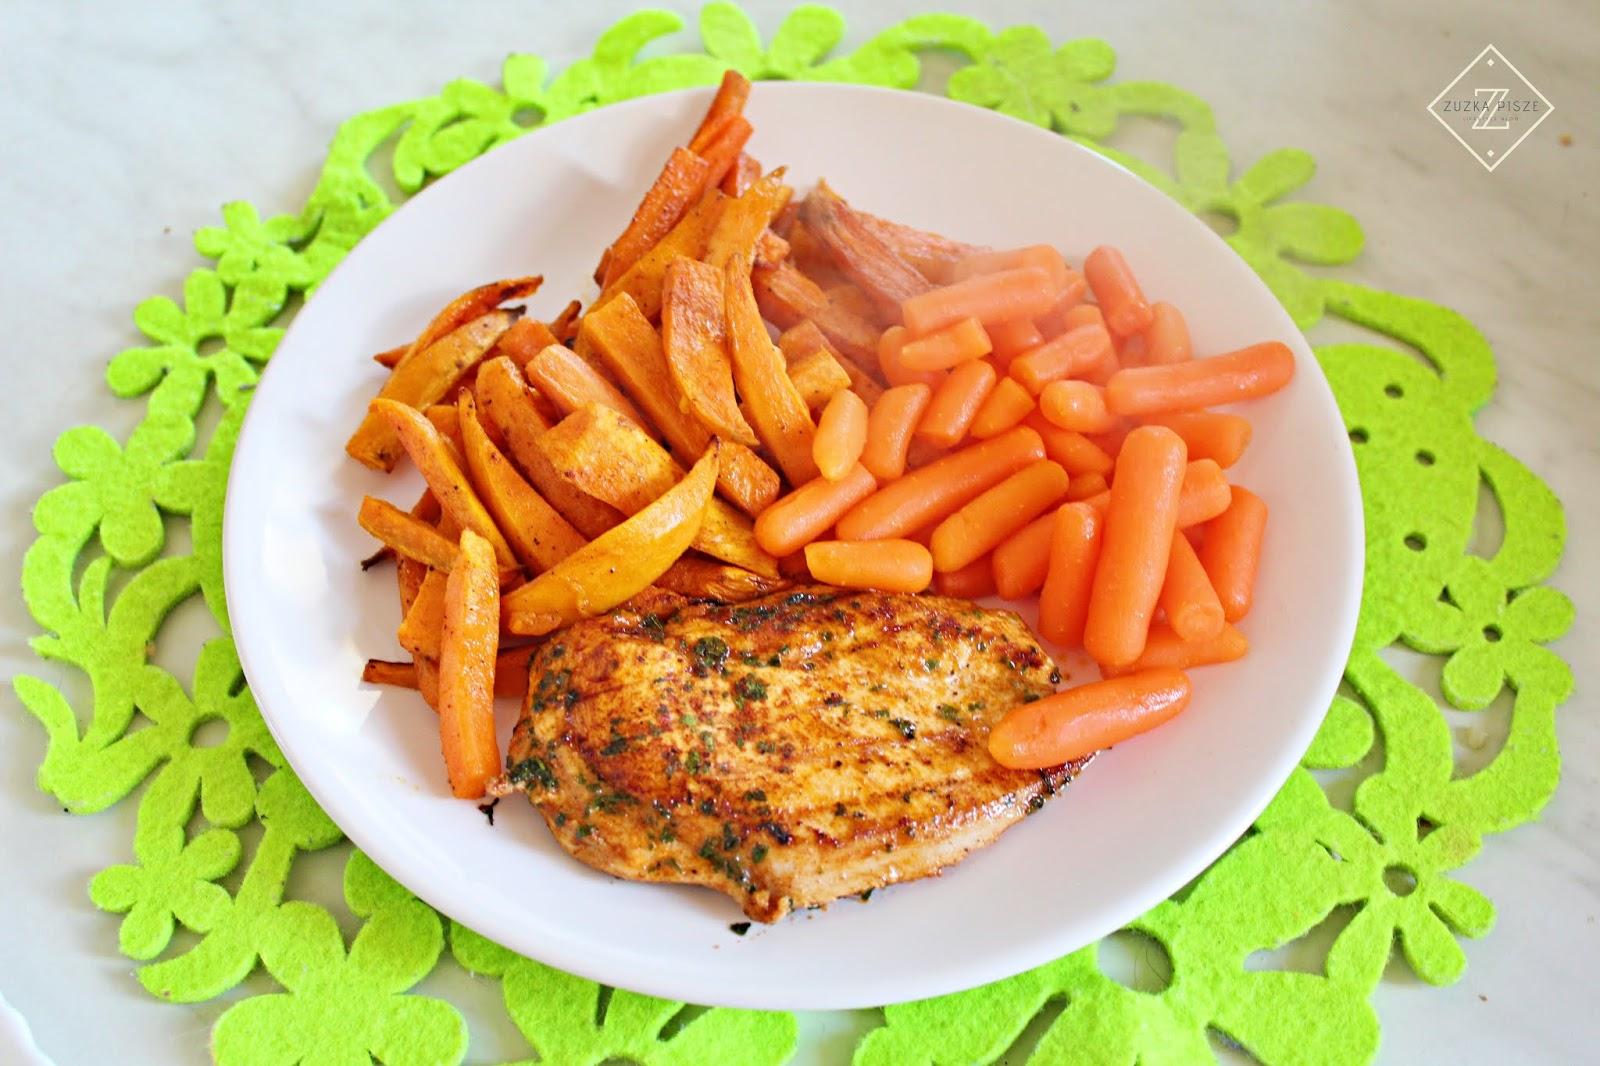 Grillowana pierś z kurczaka i pieczone frytki z batatów